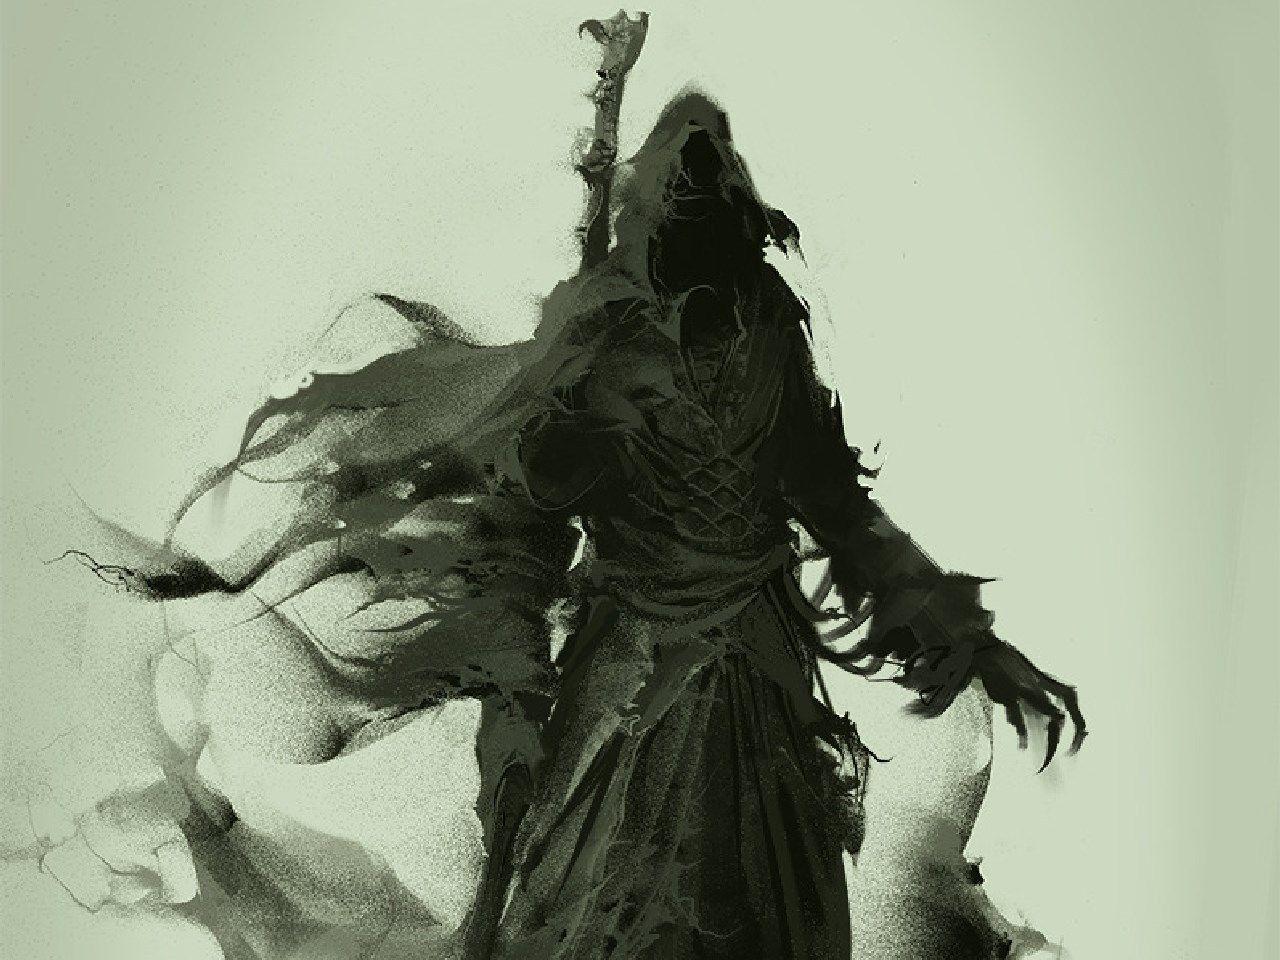 Grim Reaper Wallpaper Grim reaper, Dark wallpaper